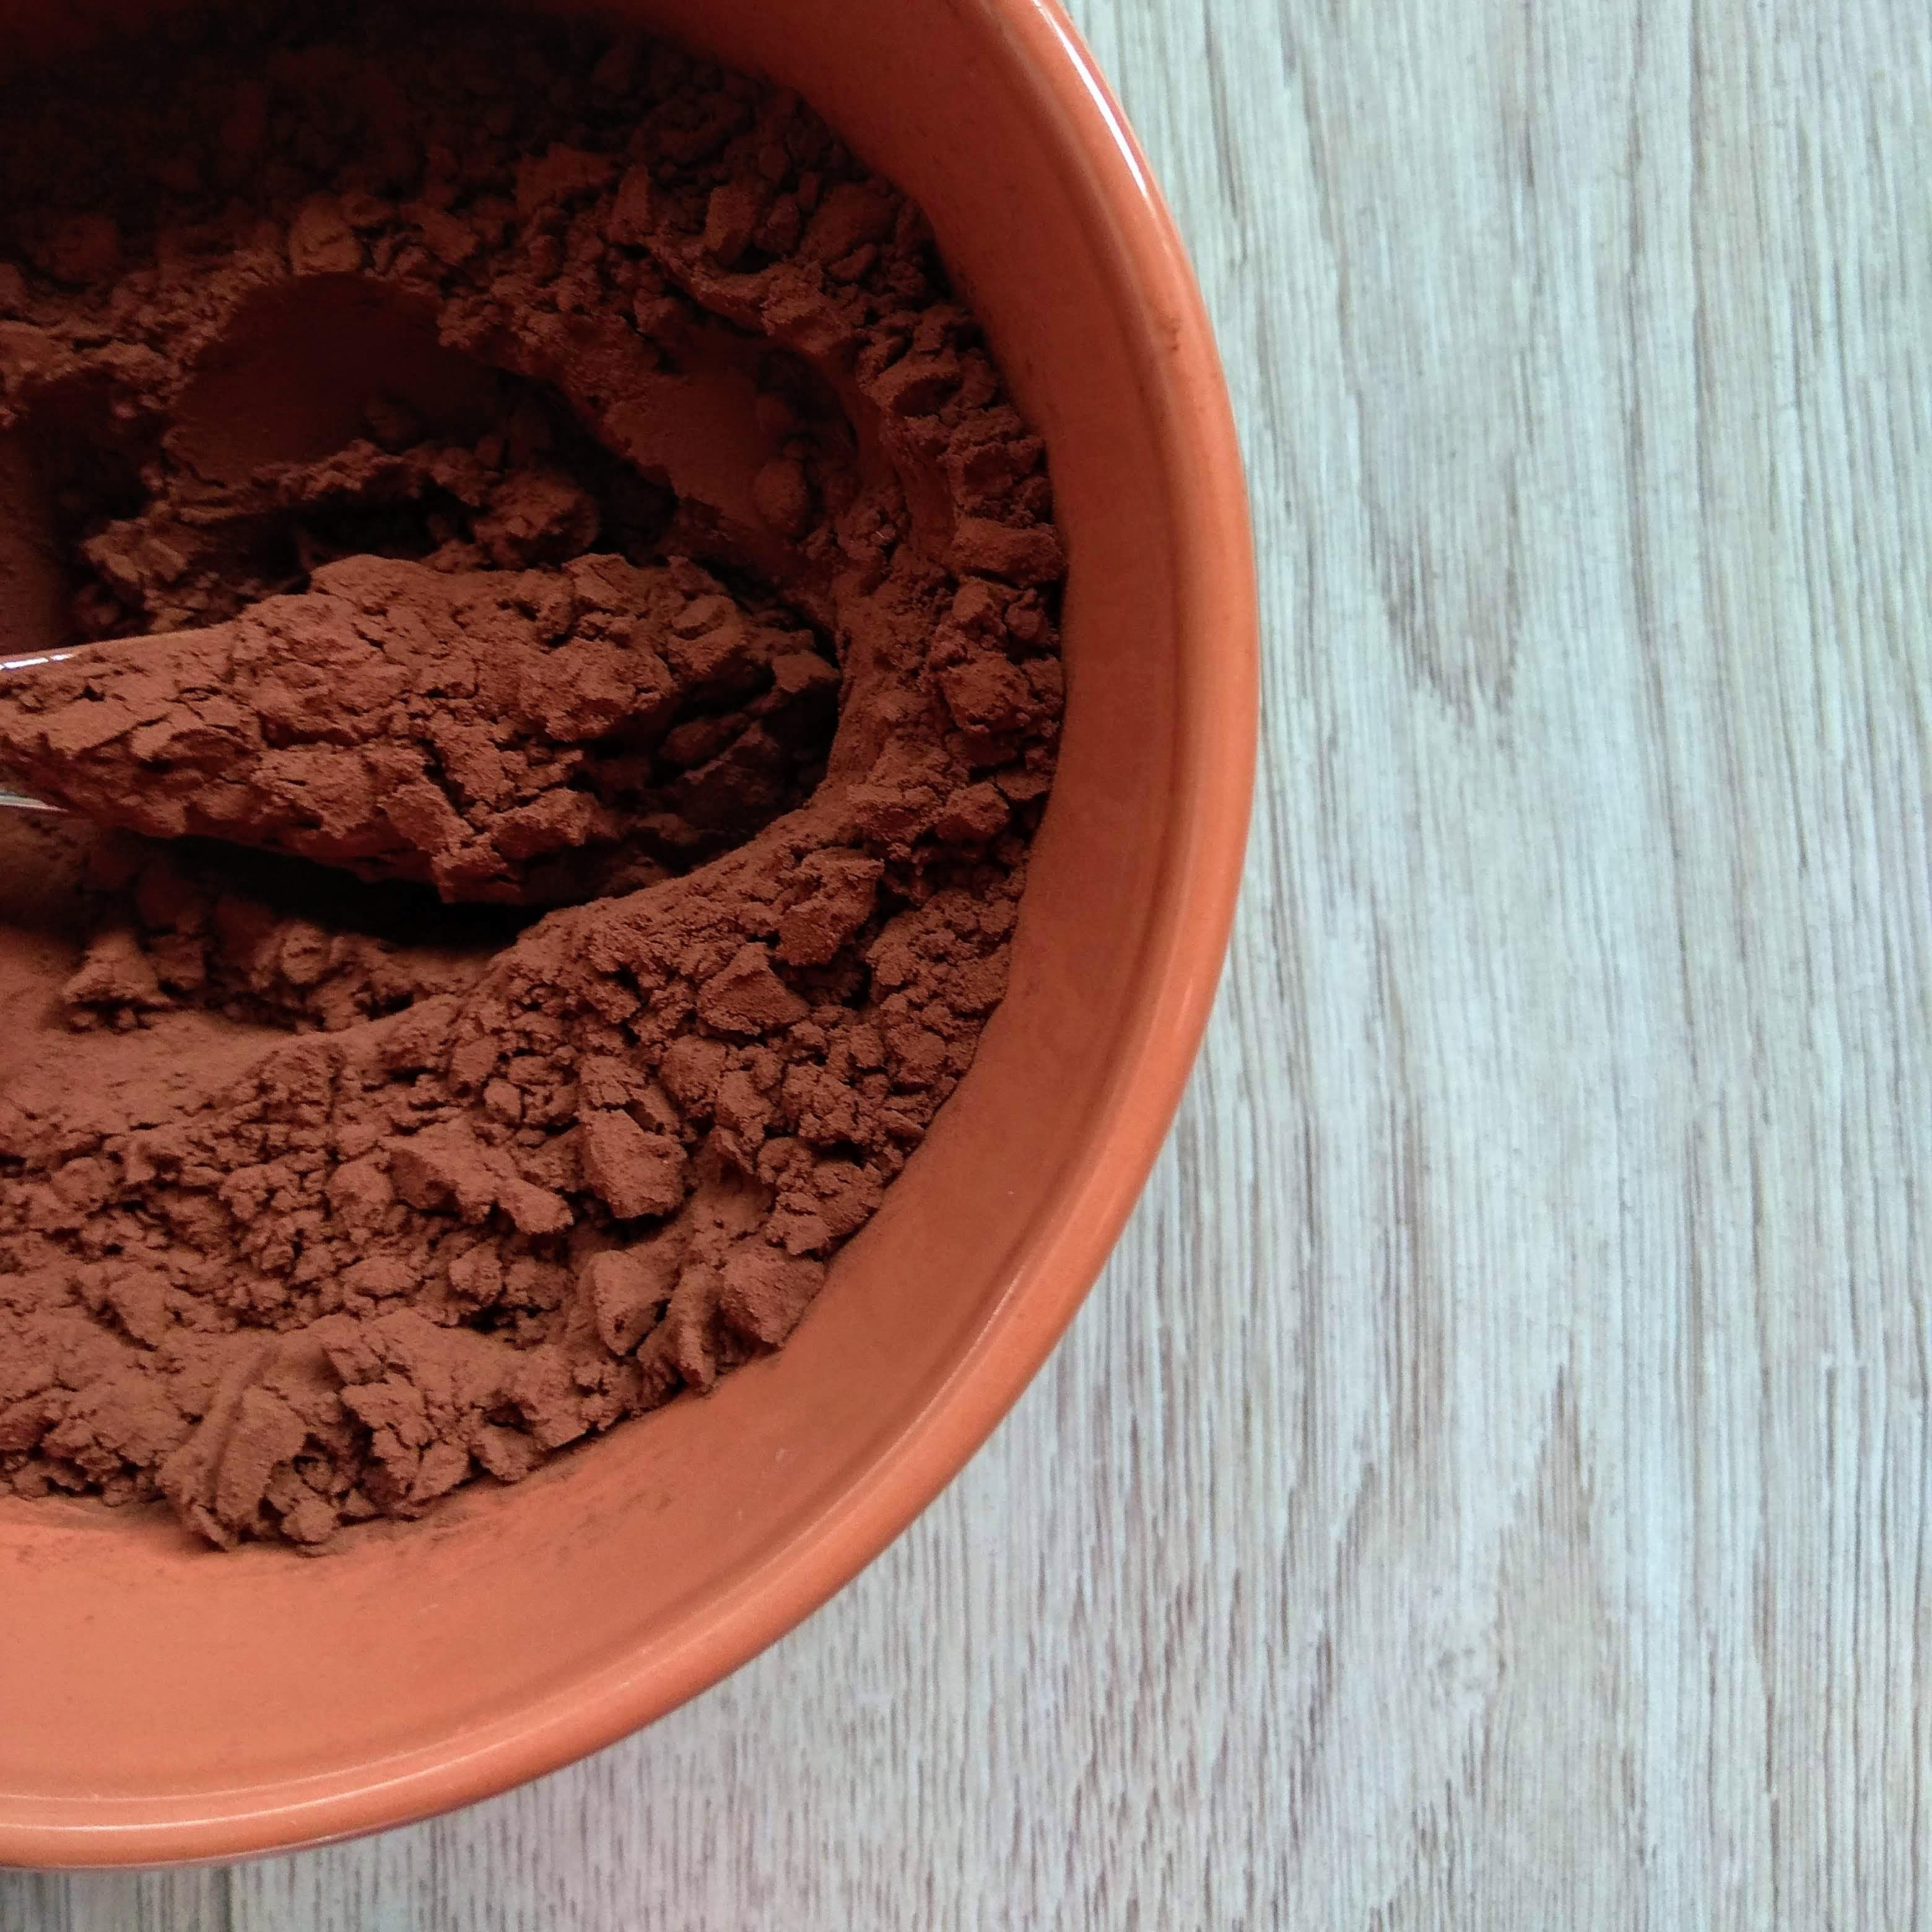 Producto estrella: Cacao. Descubre las propiedades en: www.cocinandoconlola.com